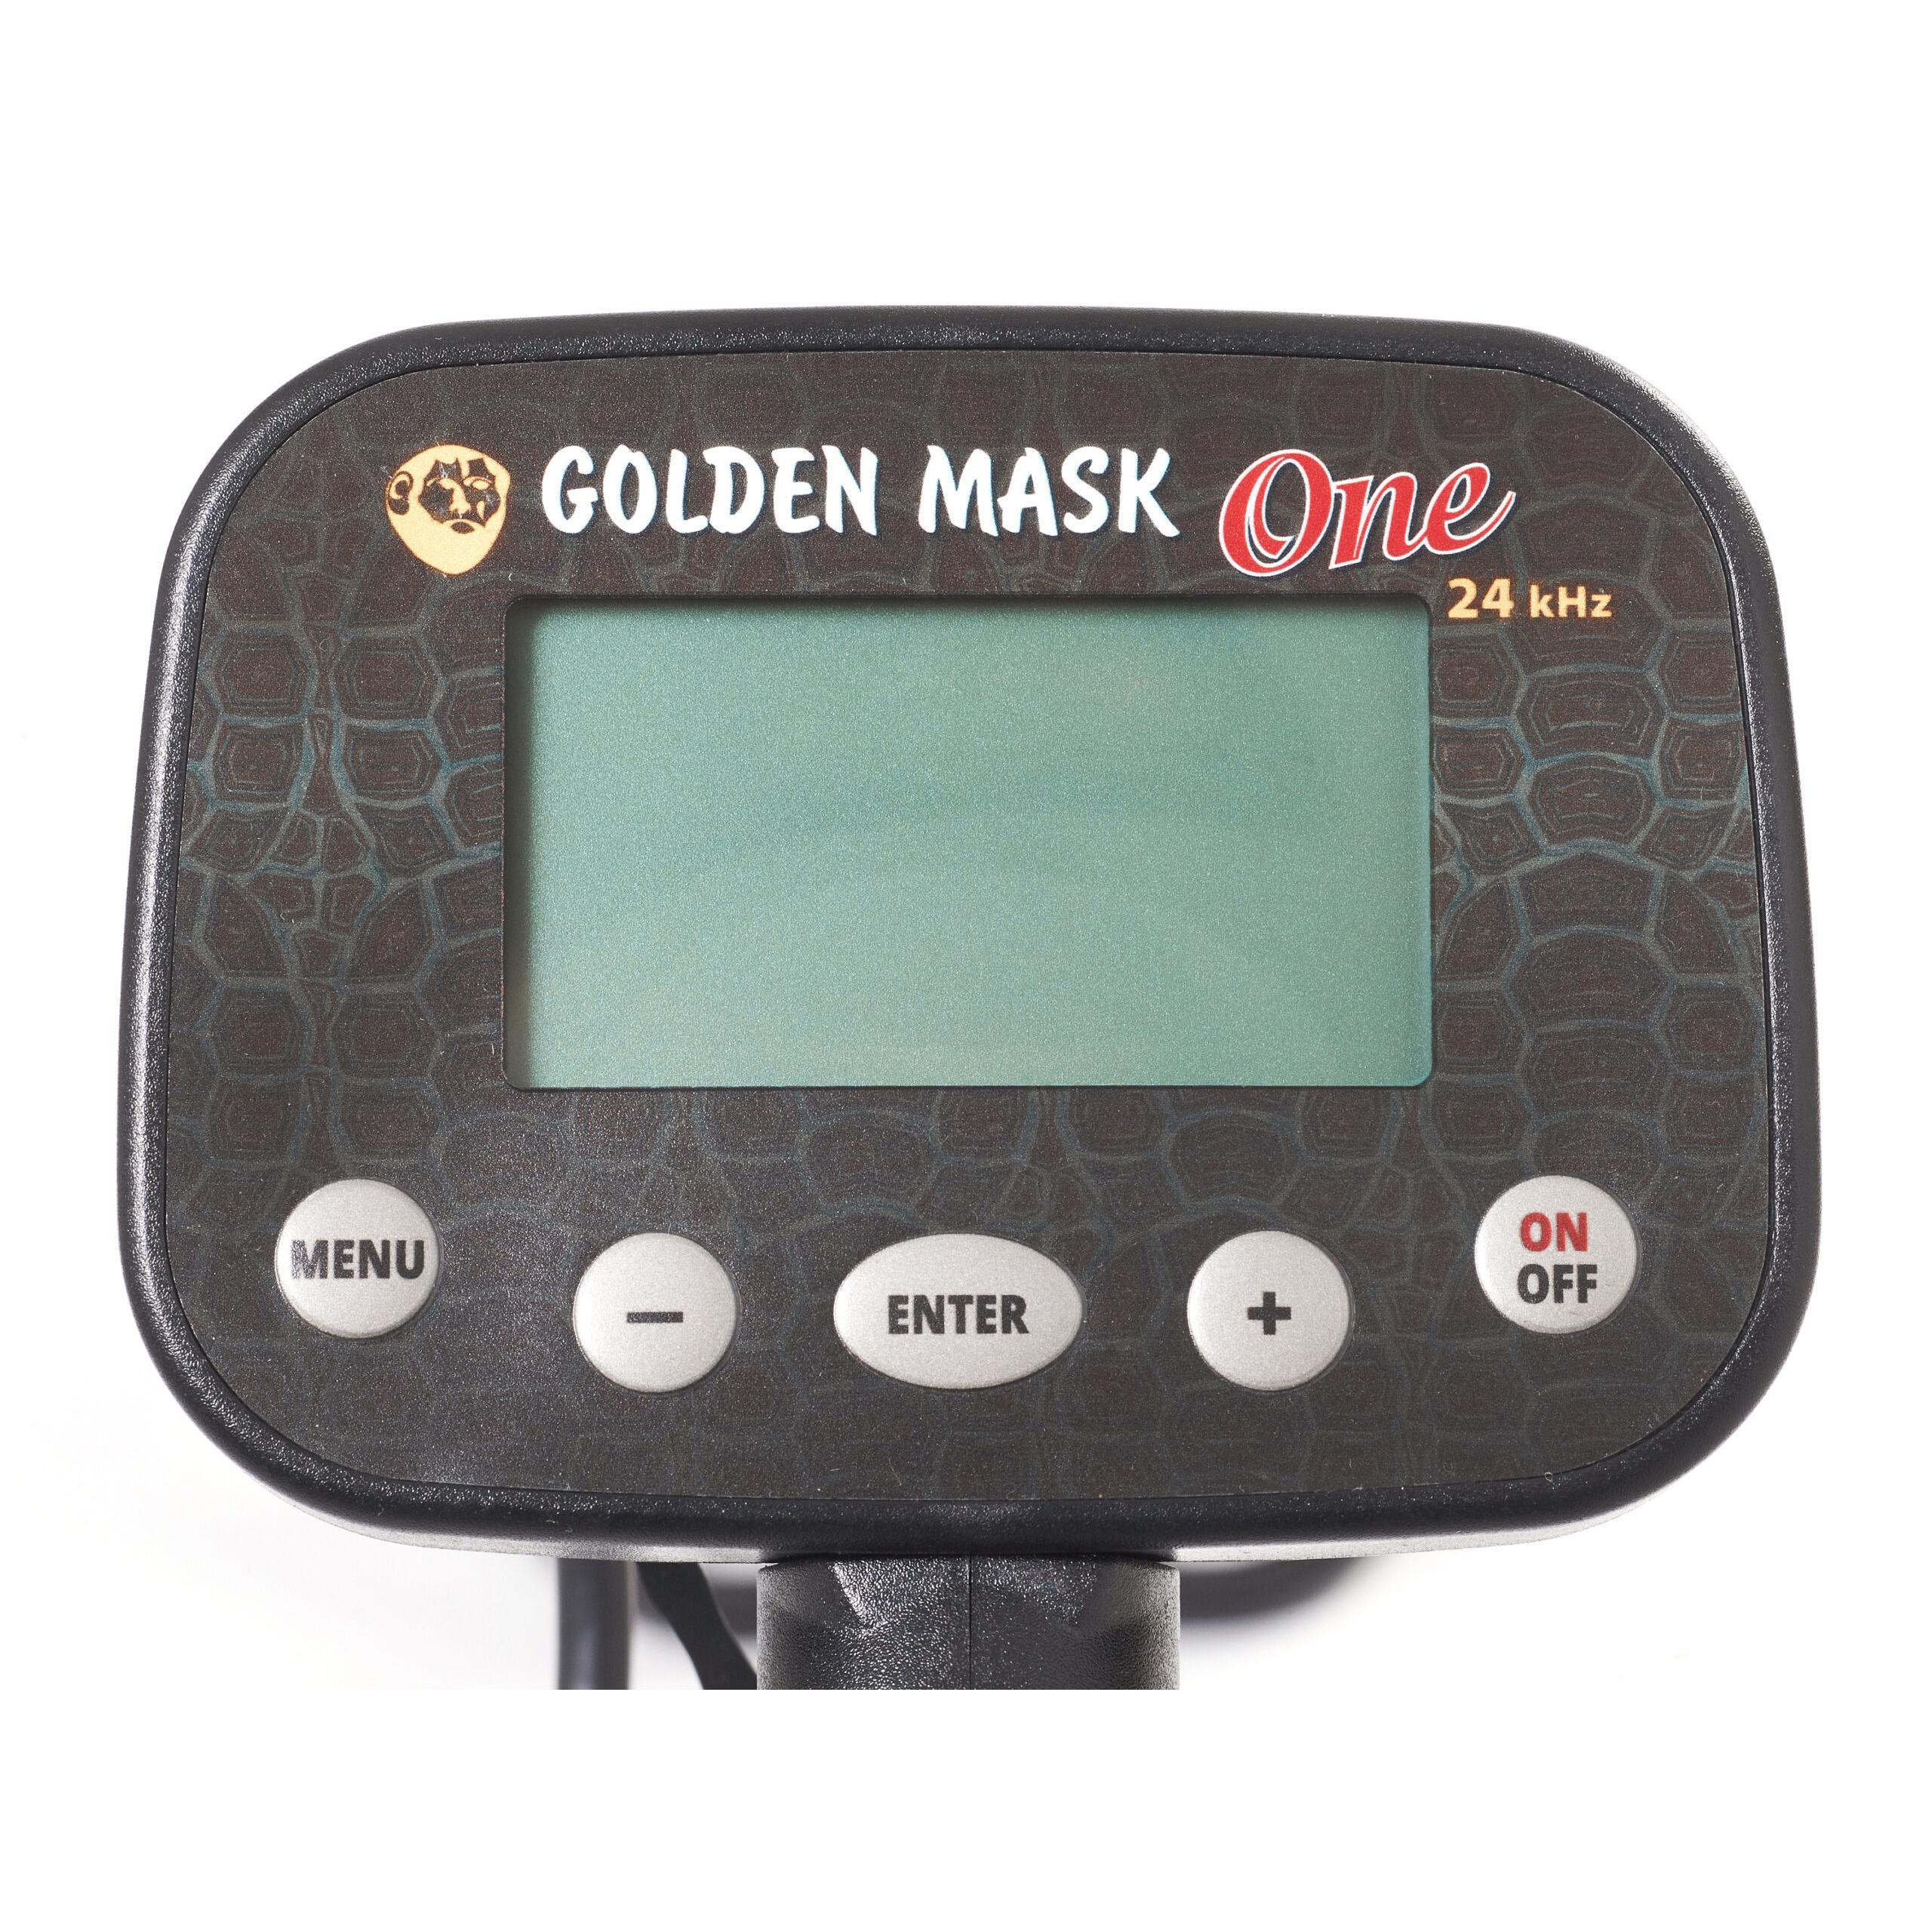 Металдетектор GoldenMask One 24kHz LITE